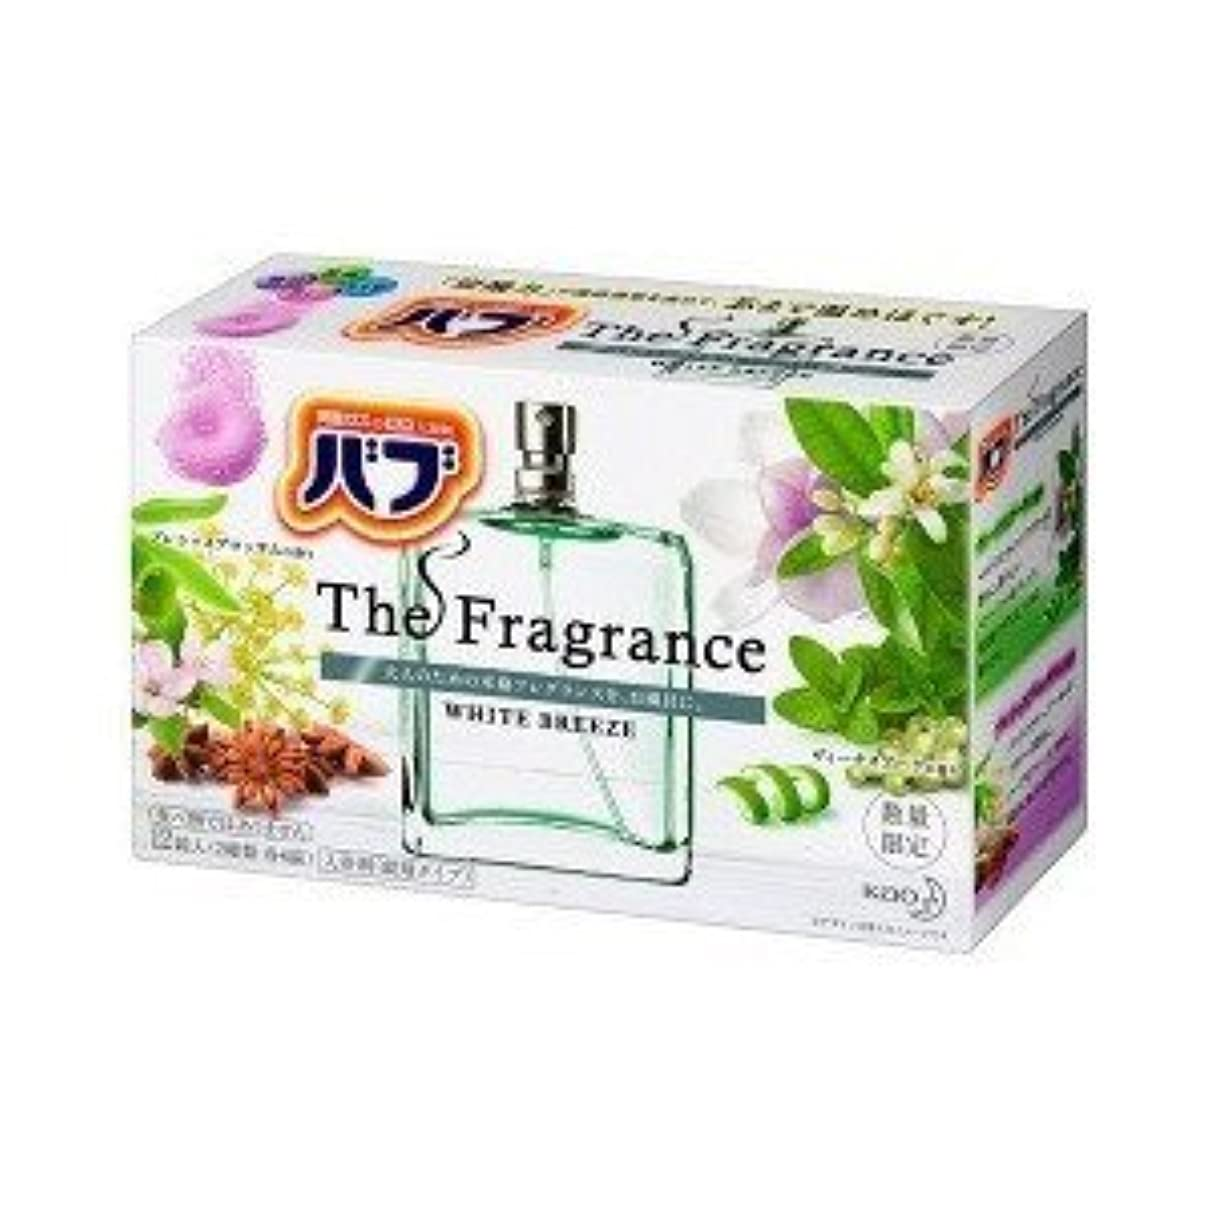 インデックス運賃グッゲンハイム美術館【数量限定】 バブ The Fragrance 12錠入 (WHITE BREEZE)